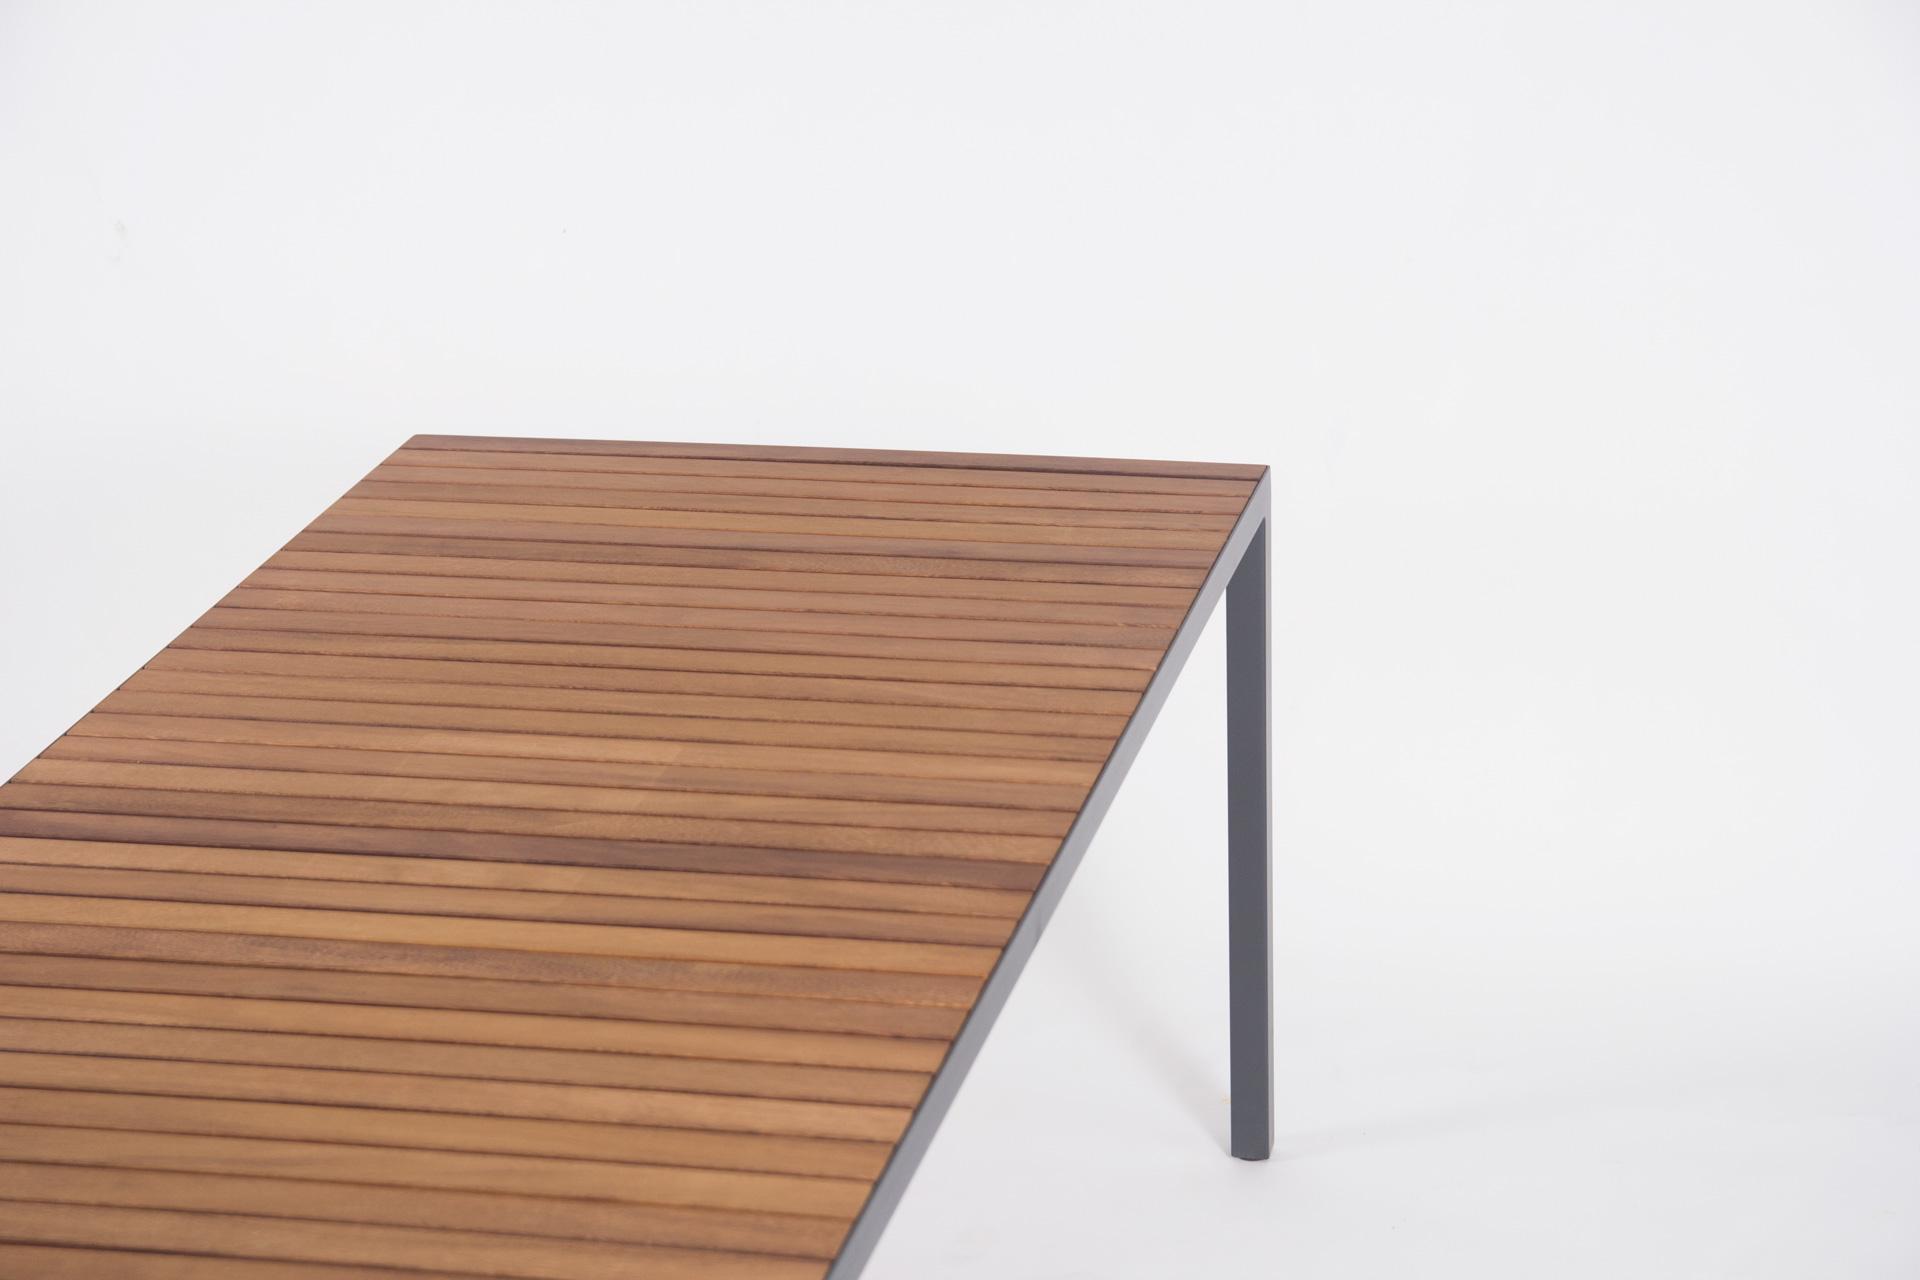 Table Hvar